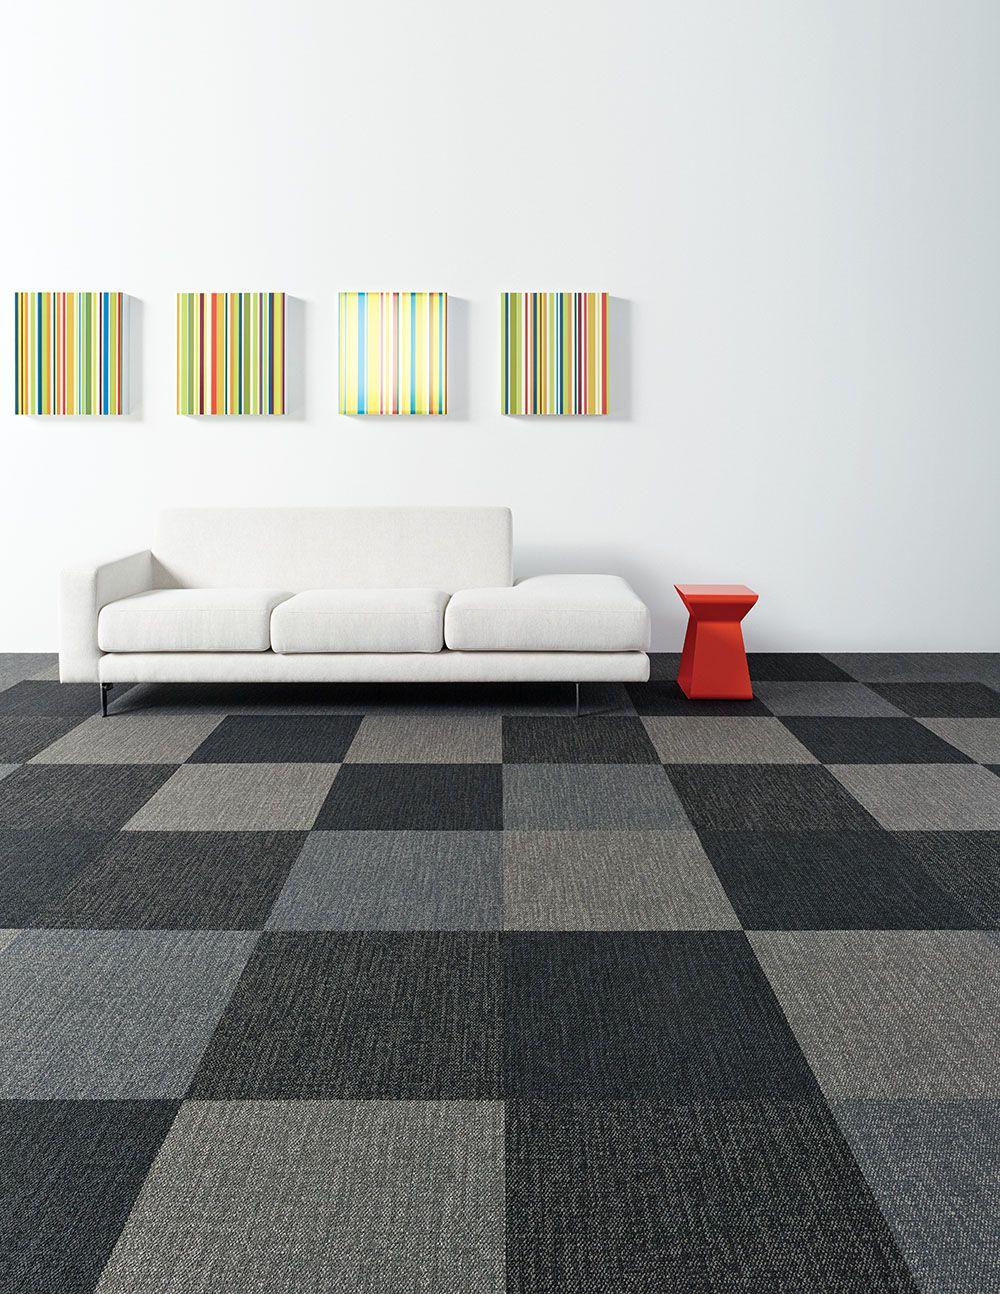 Home Shaw Contract Carpet tiles design, Unique